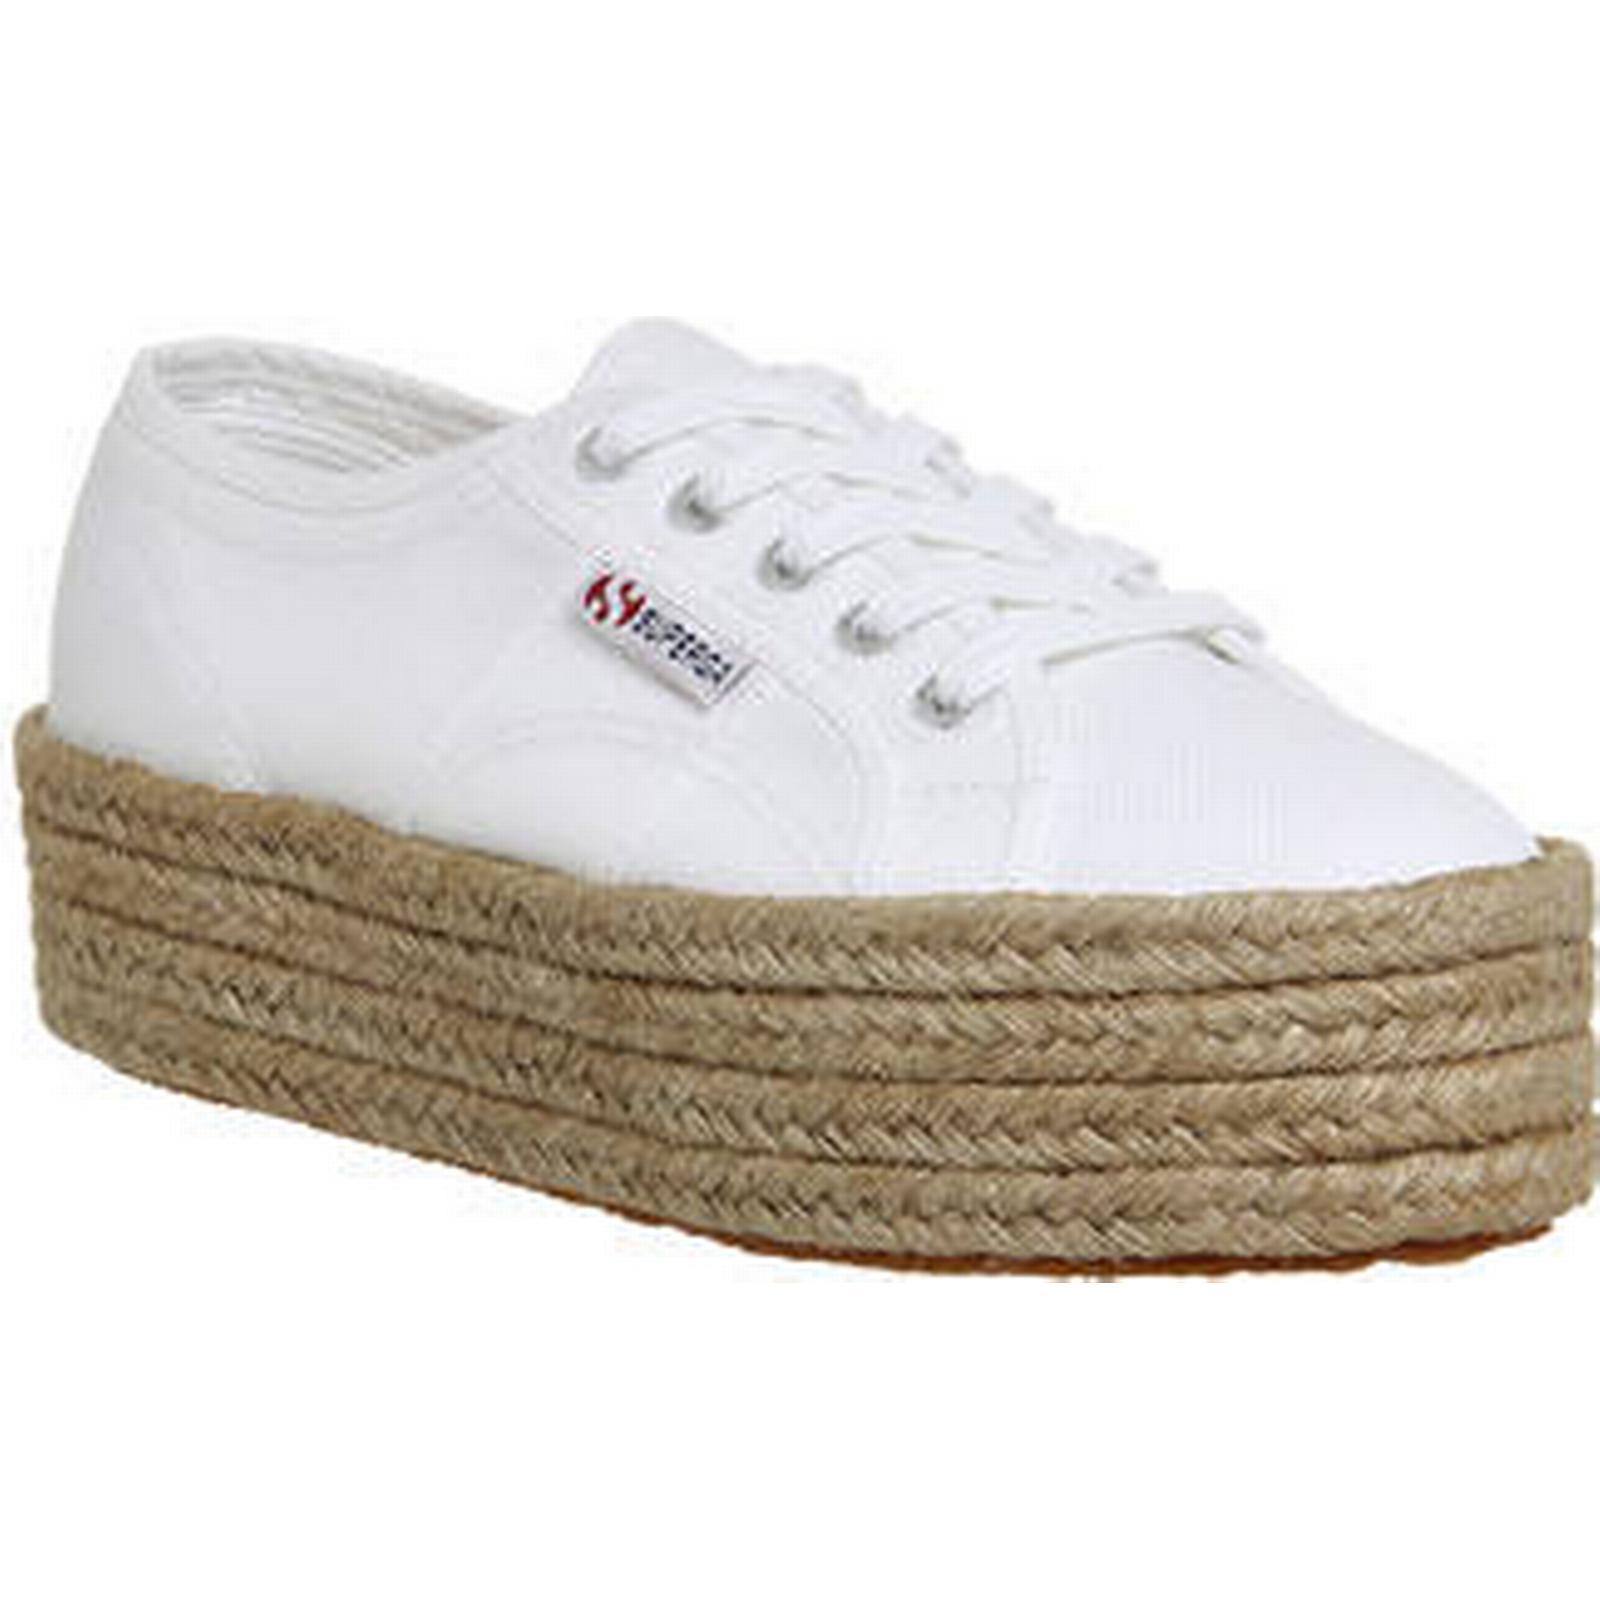 Superga 2790 (l) WHITE WHITE WHITE ESPADRILLE 370448